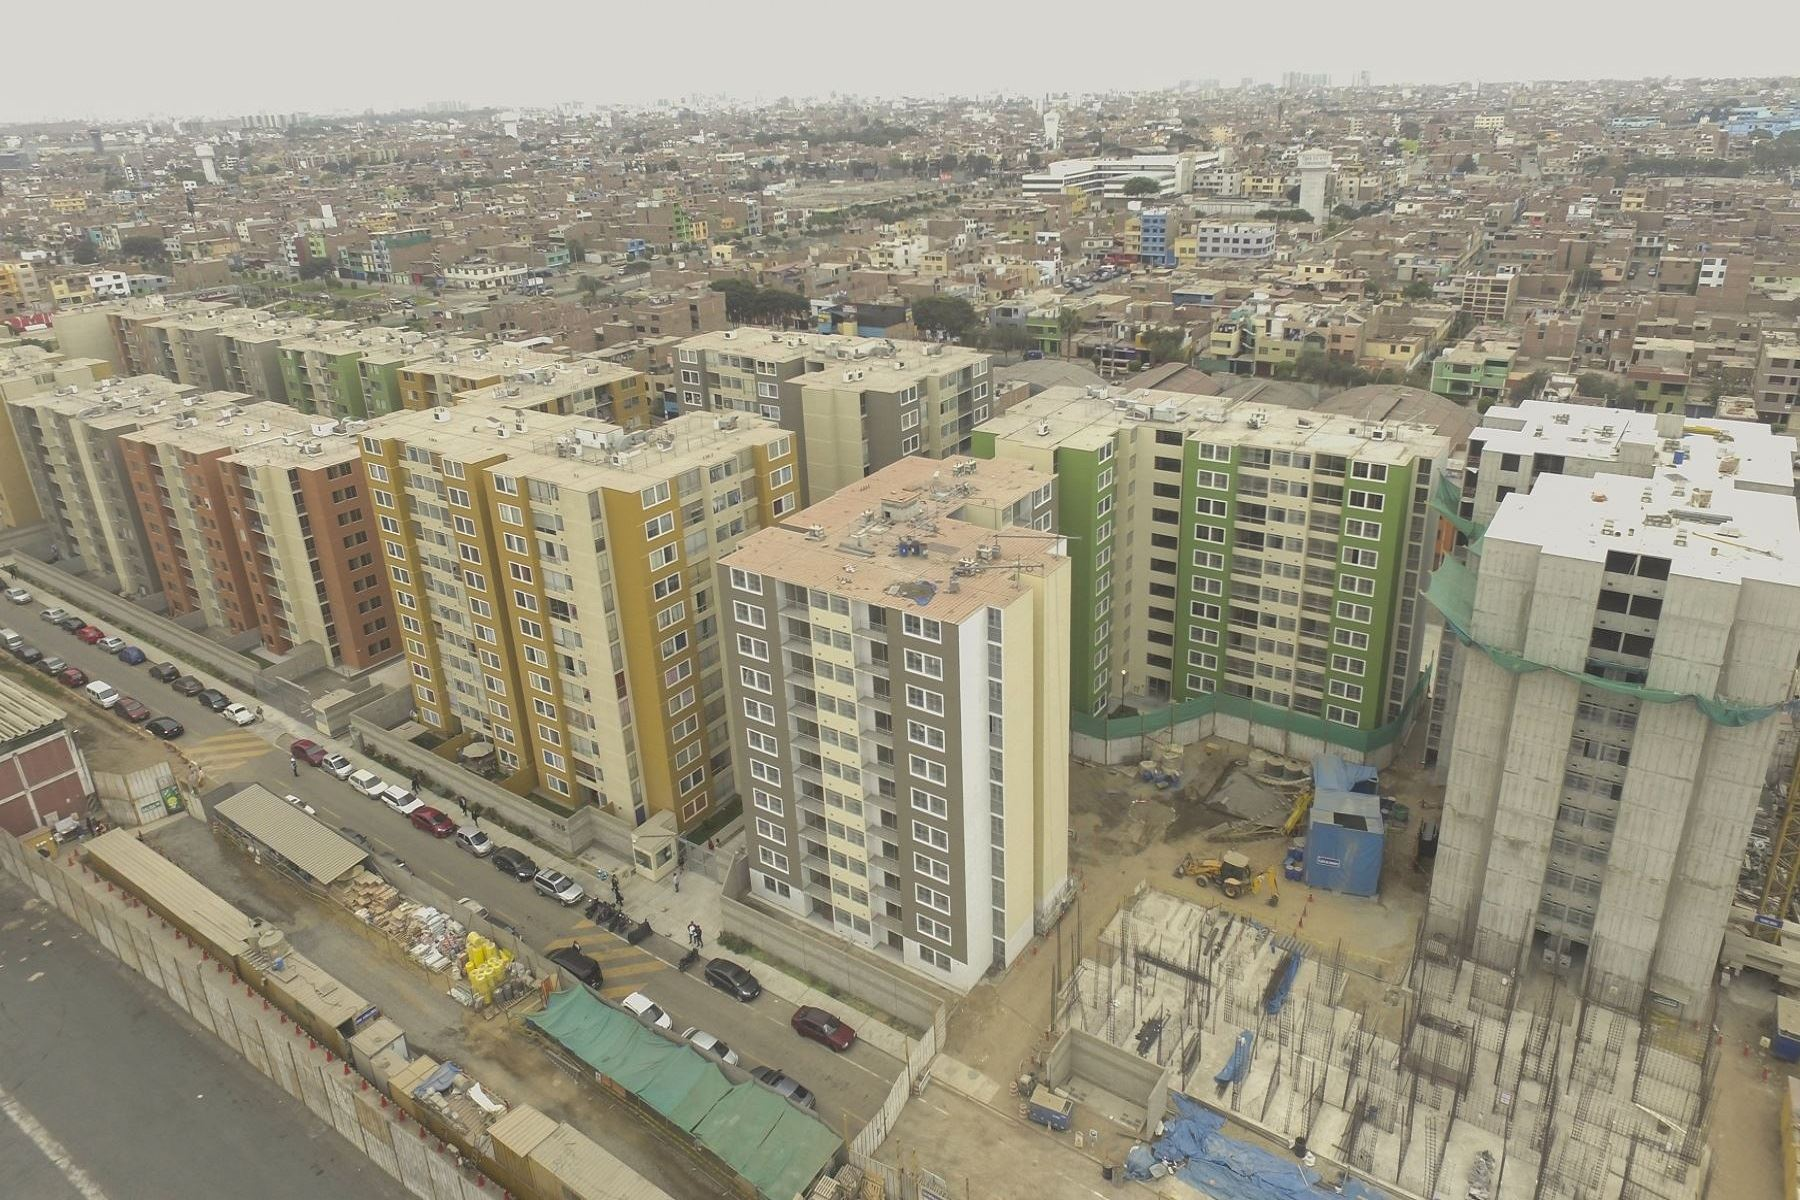 vivienda-4-claves-del-perfil-inmobiliario-peruano-en-la-nueva-normalidad